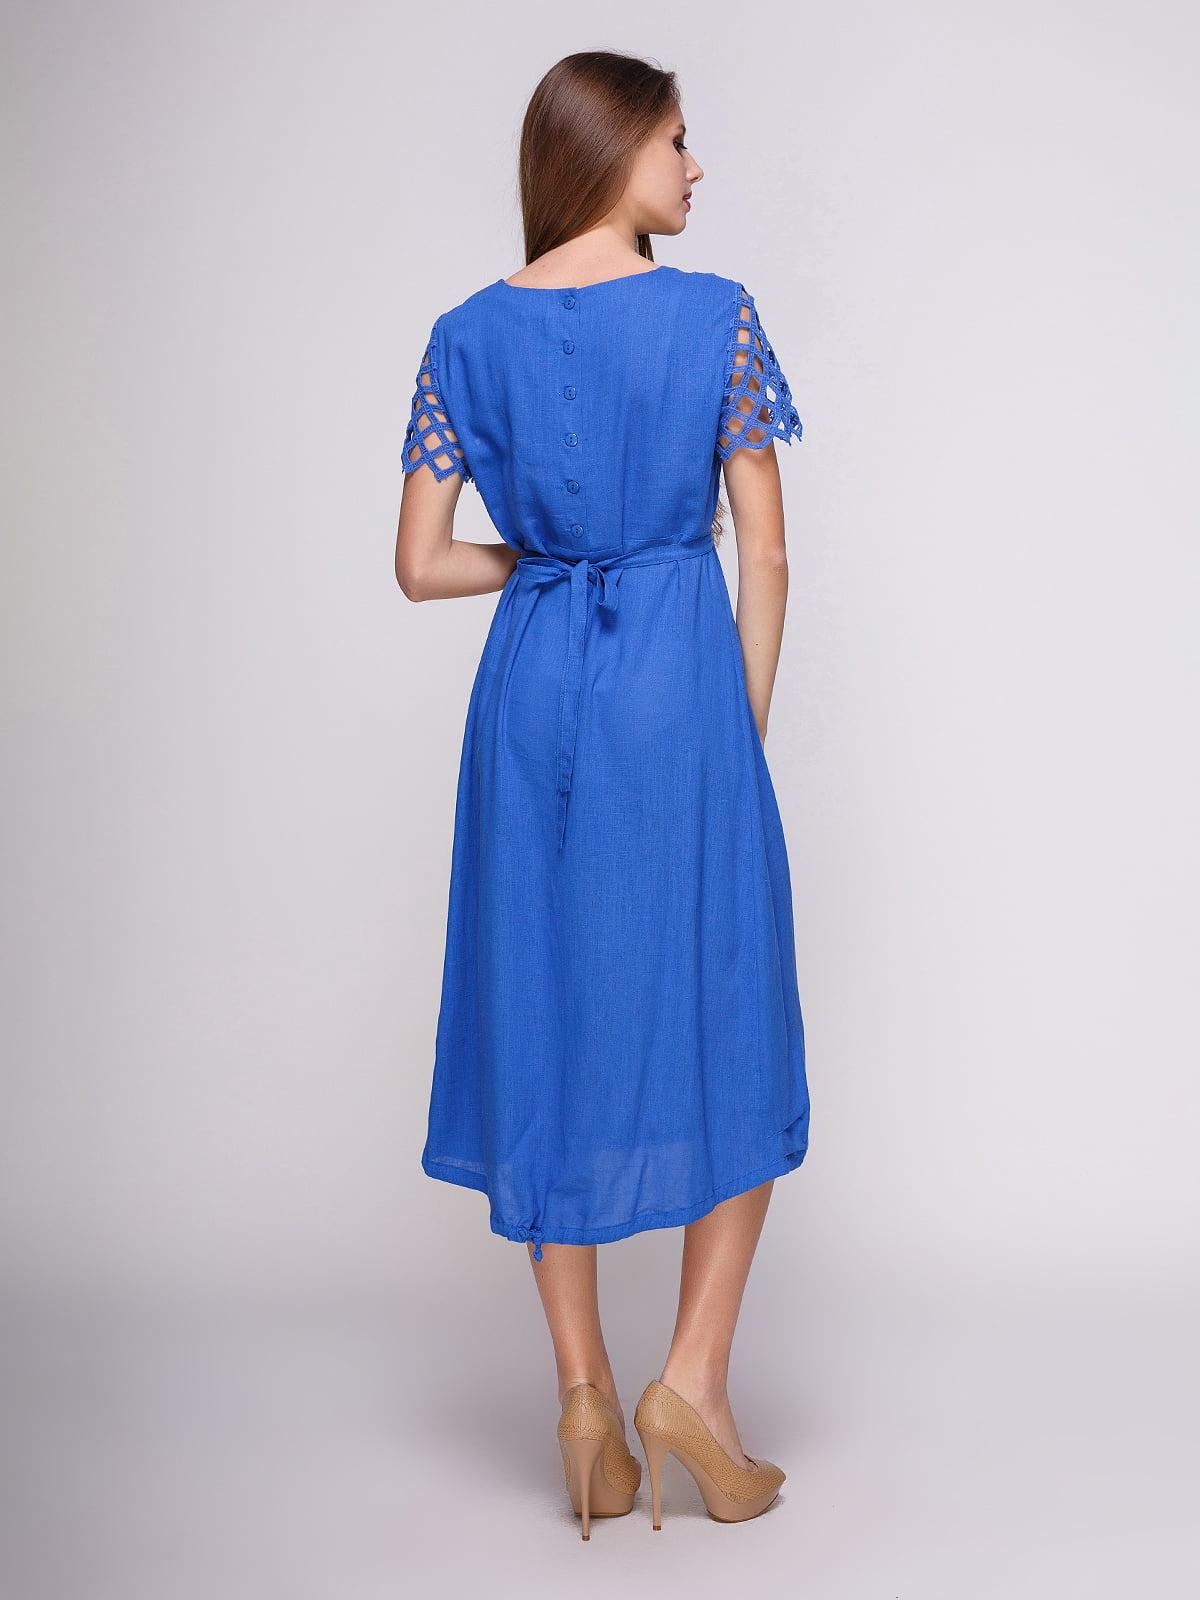 Сукня синя   4262396   фото 2